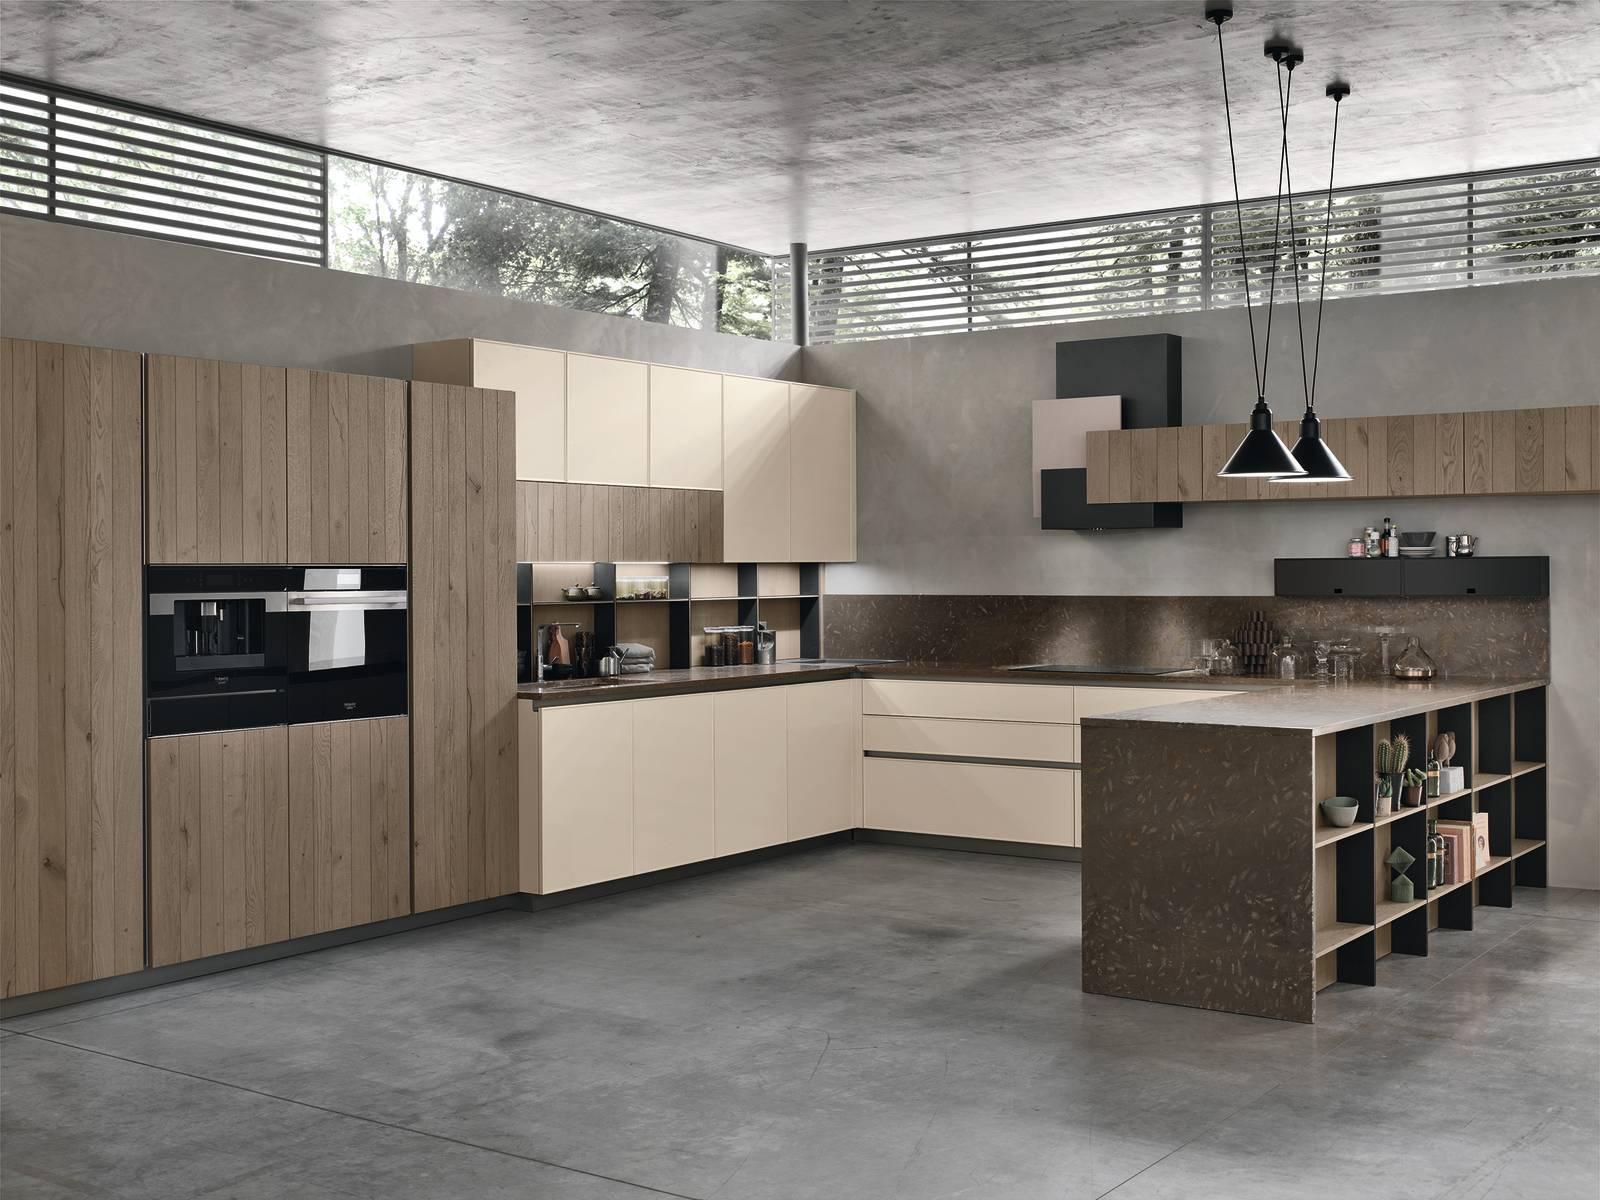 Cucina Bianca E Nera cucina bianca gola nera - the interior design